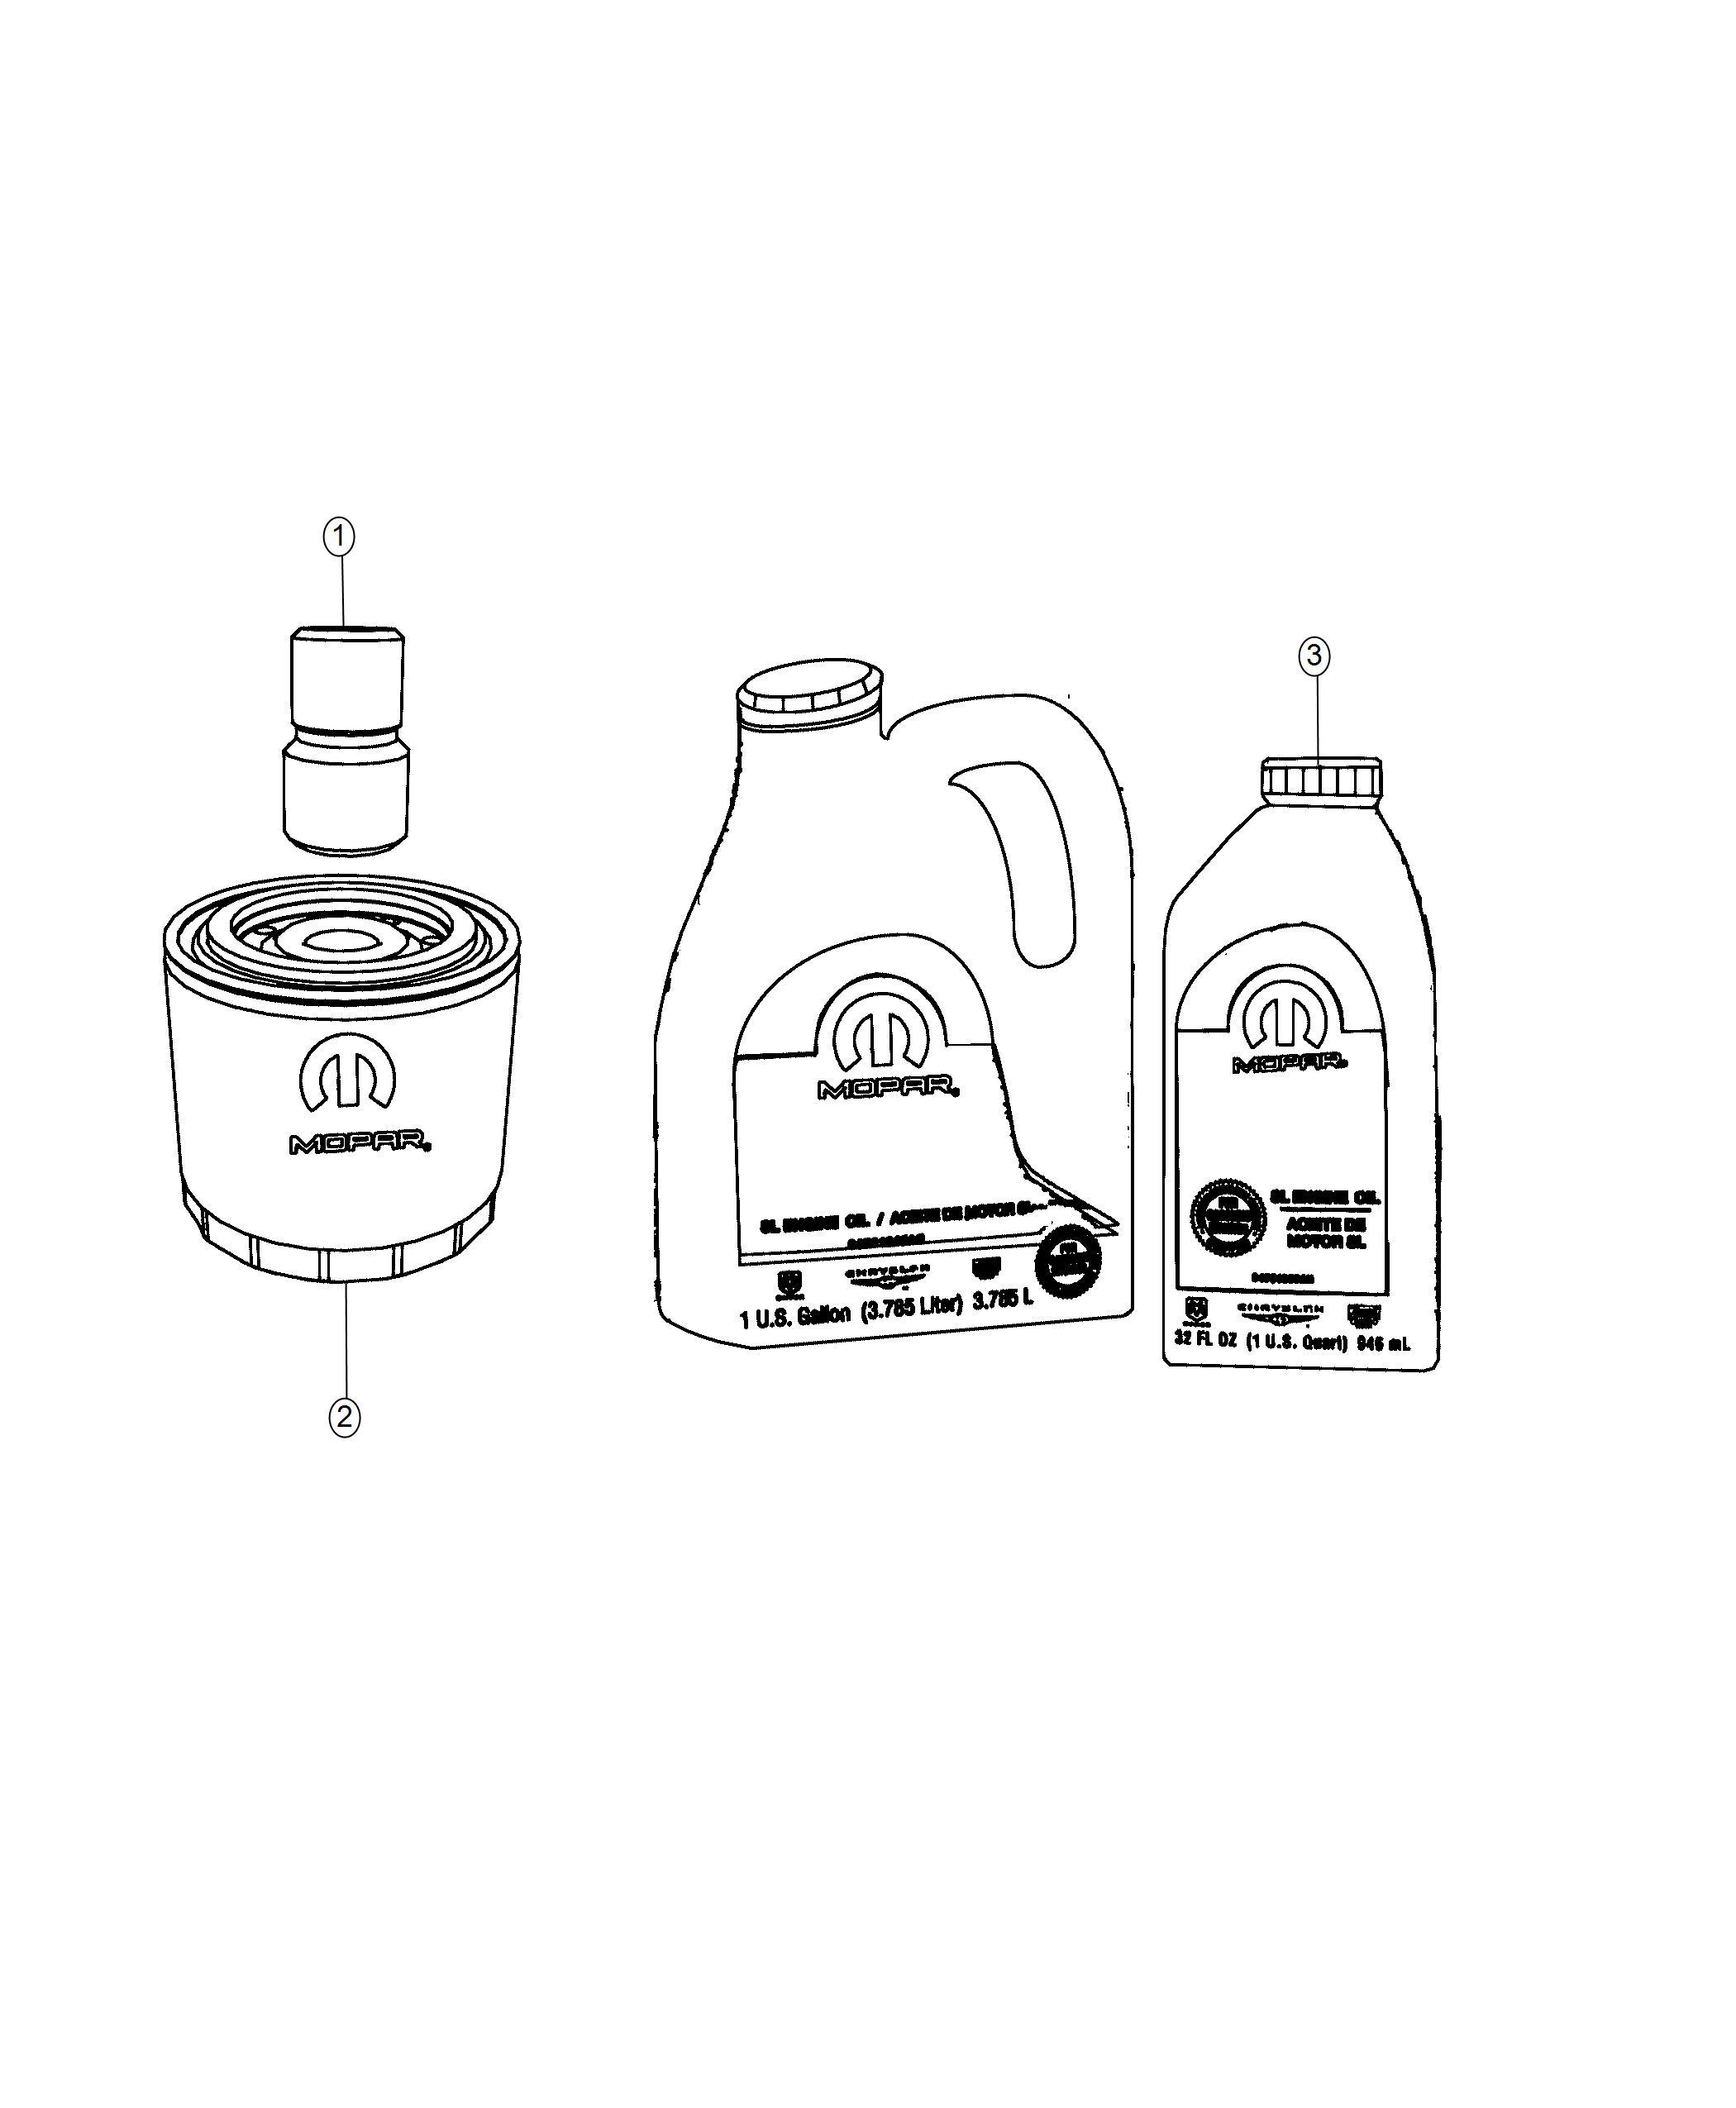 Dodge Durango Engine oil. 0w40. Quart. Export. Filter